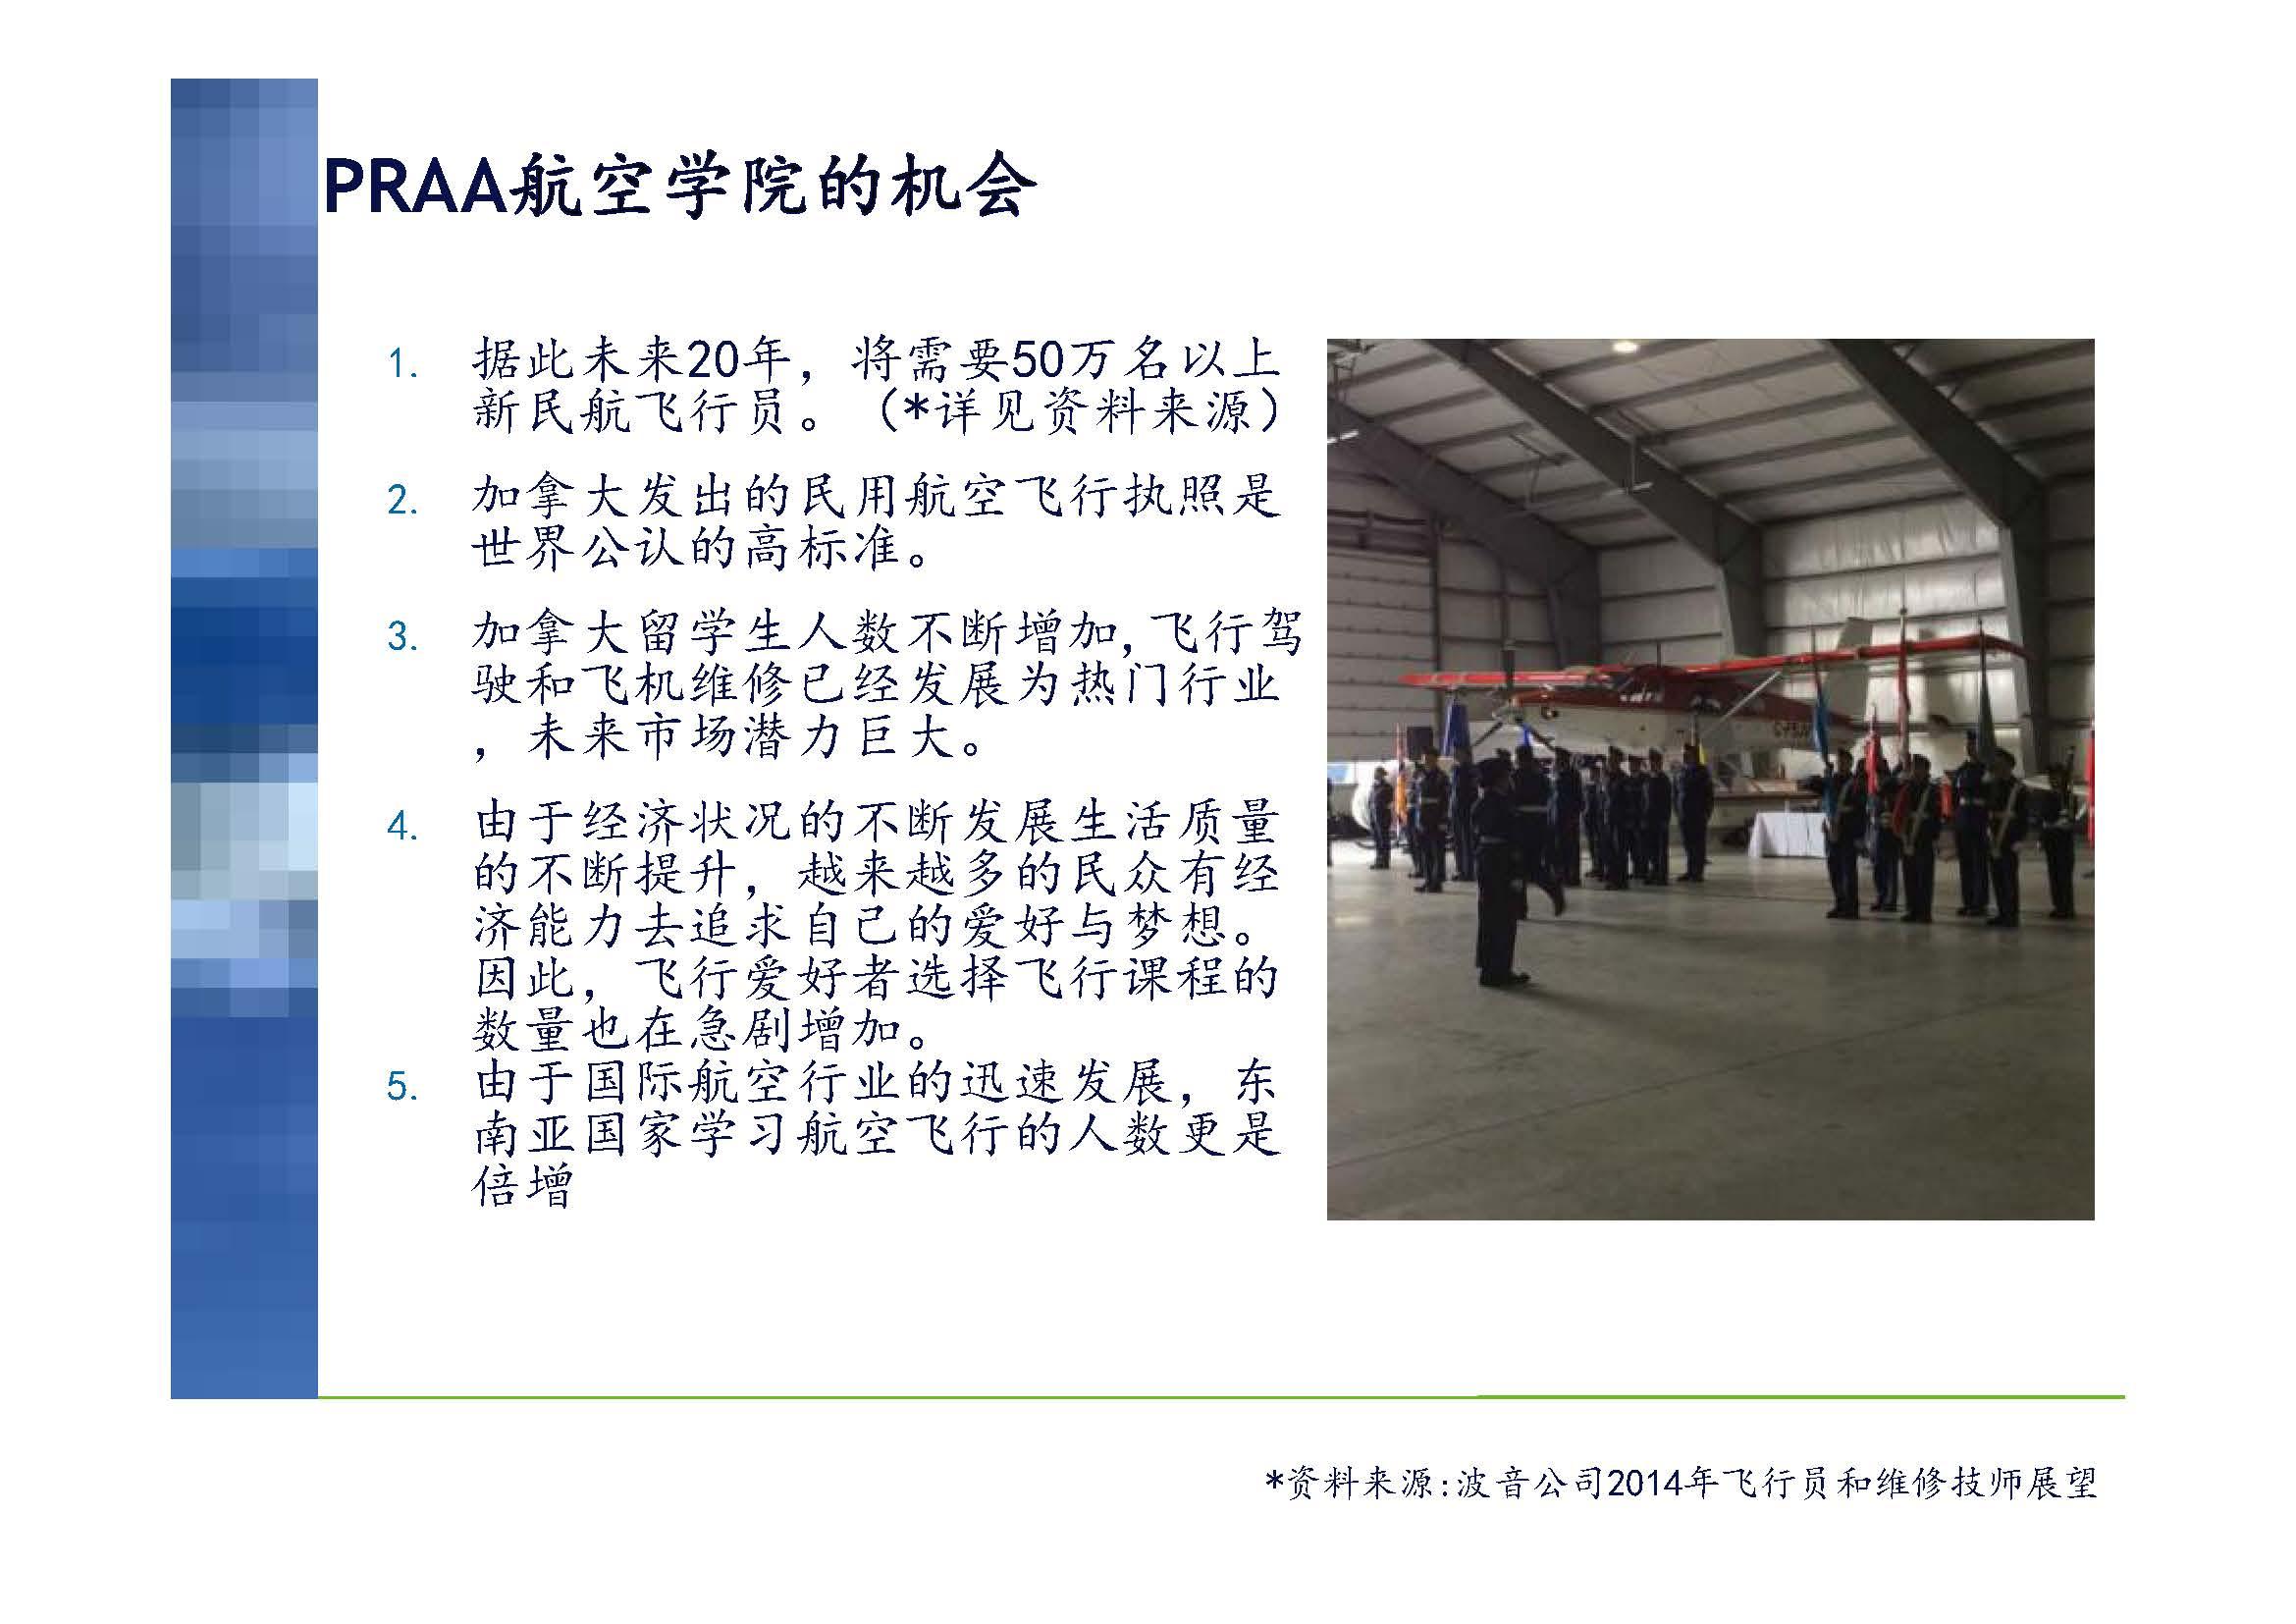 pnpjpg page 16